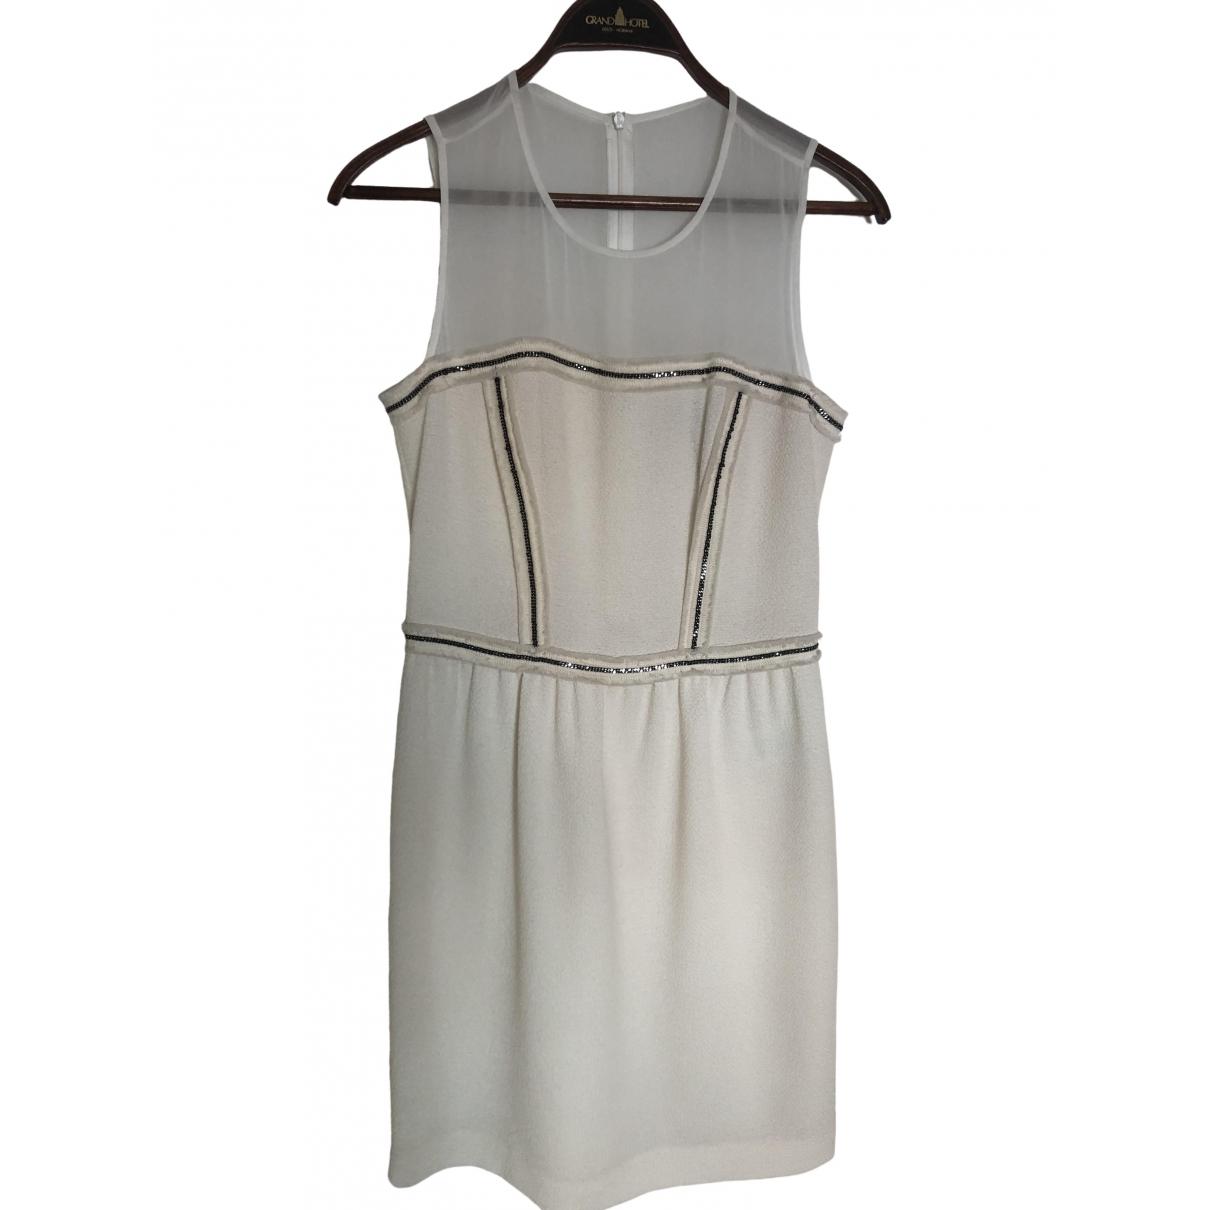 Sandro \N White dress for Women 2 0-5